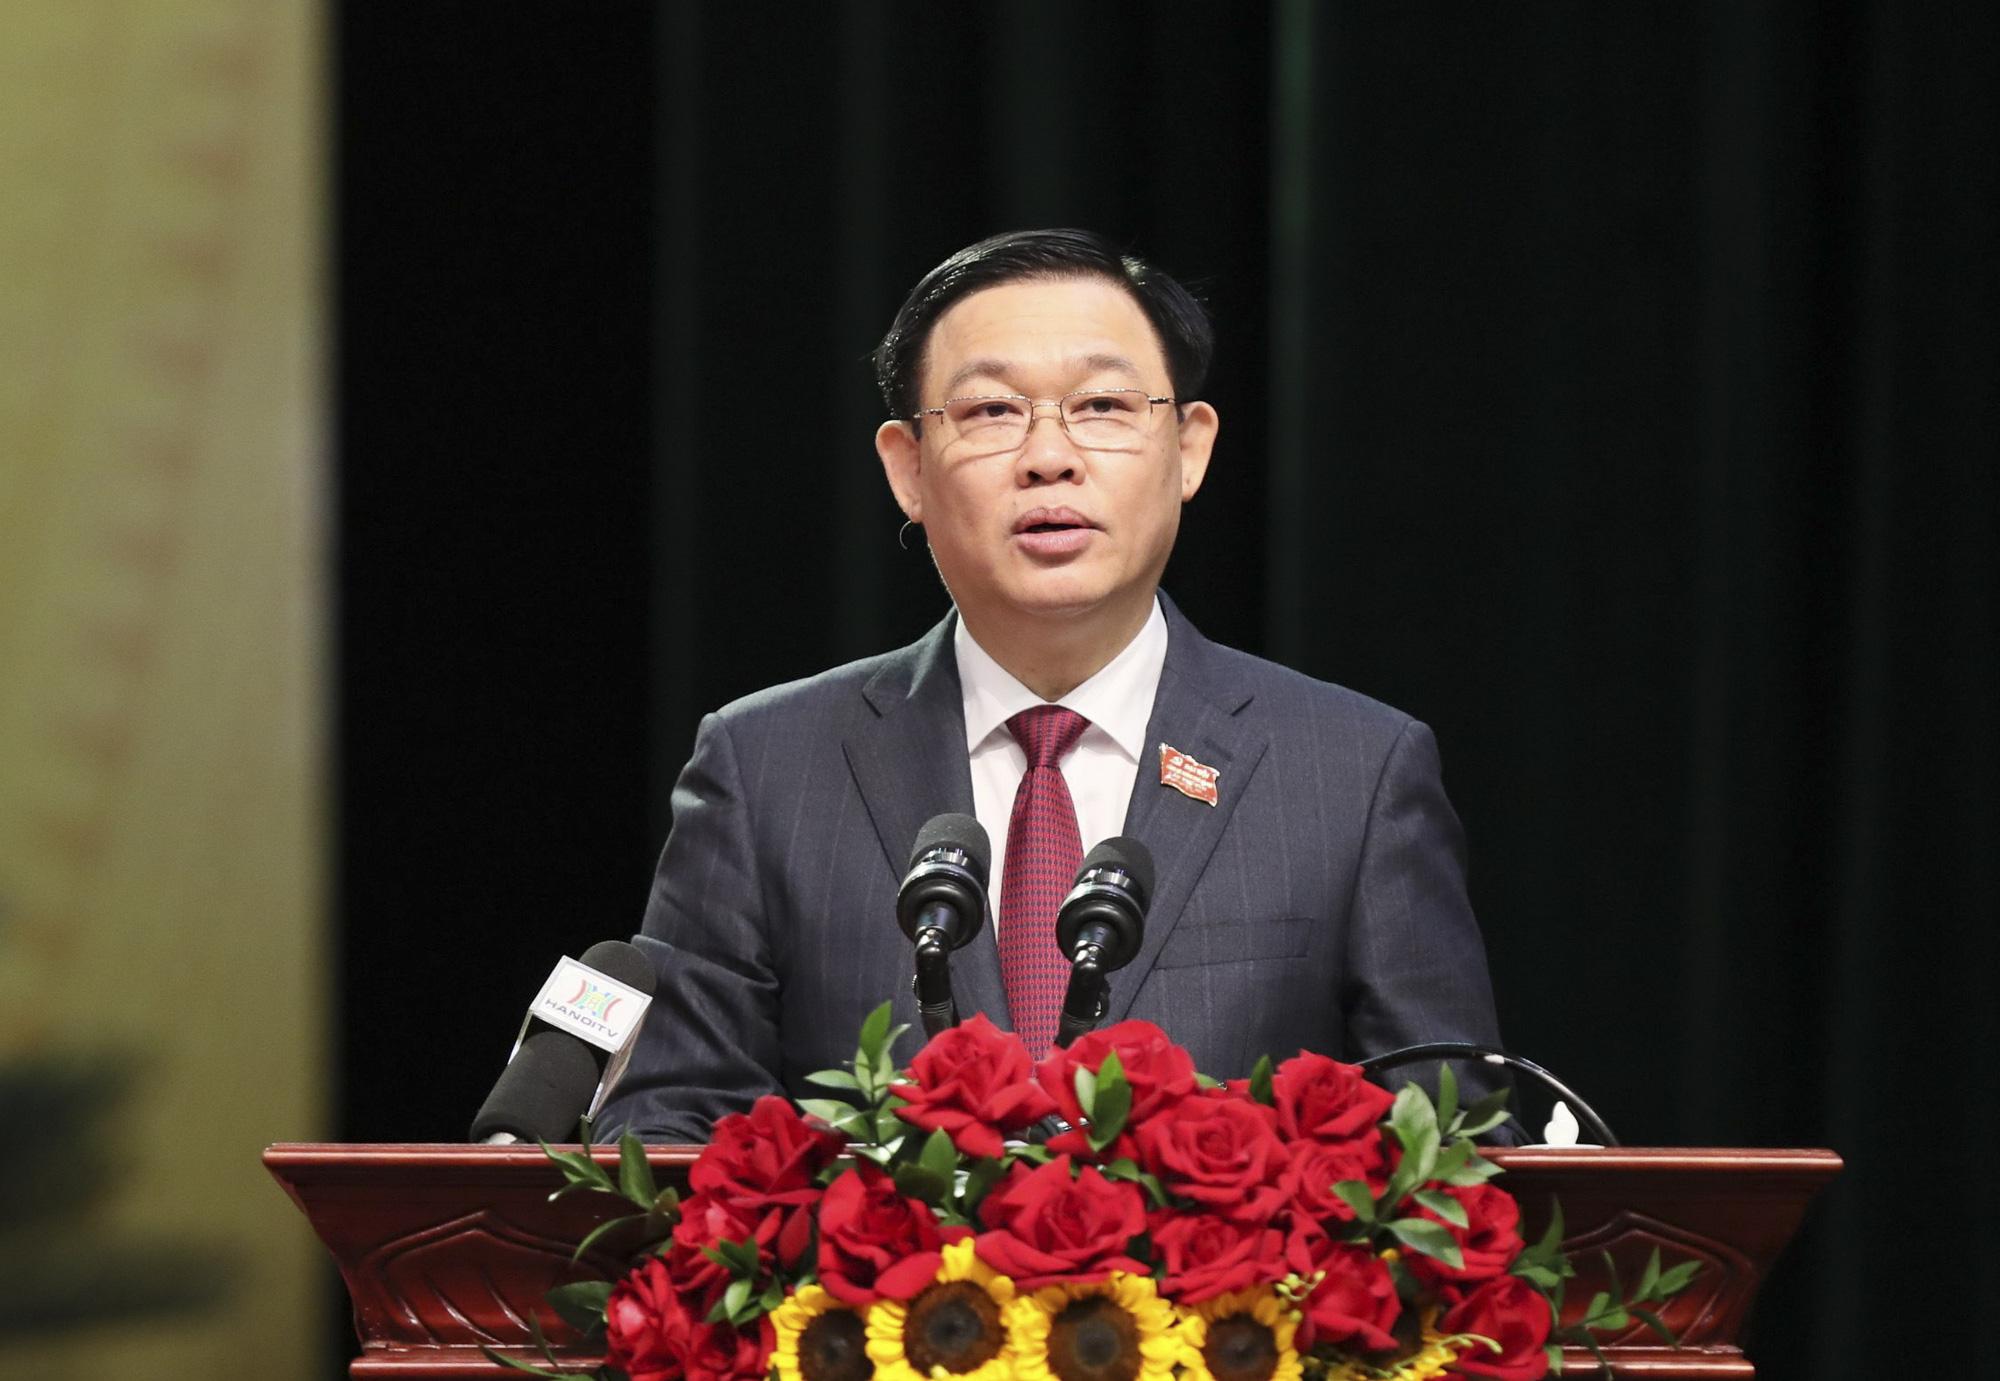 Bí thư Hà Nội Vương Đình Huệ: Phải bắt tay ngay vào, đổi mới, dám nghĩ, dám làm, dám chịu trách nhiệm - Ảnh 1.